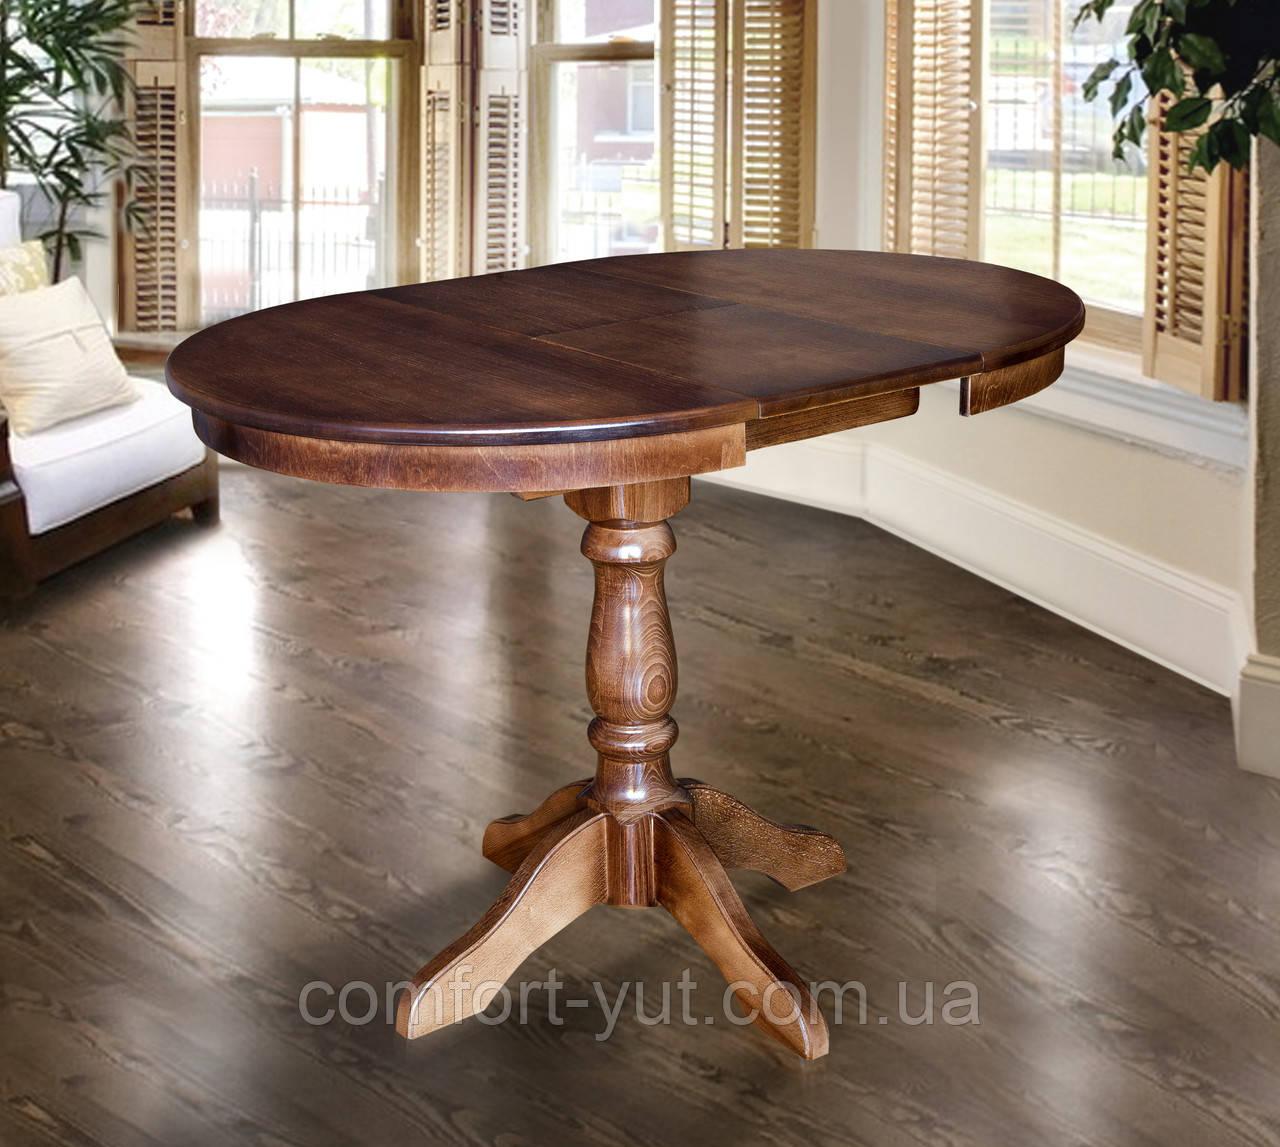 Стол Чумак-2 орех темный 80(+30)*80 обеденный раскладной деревянный